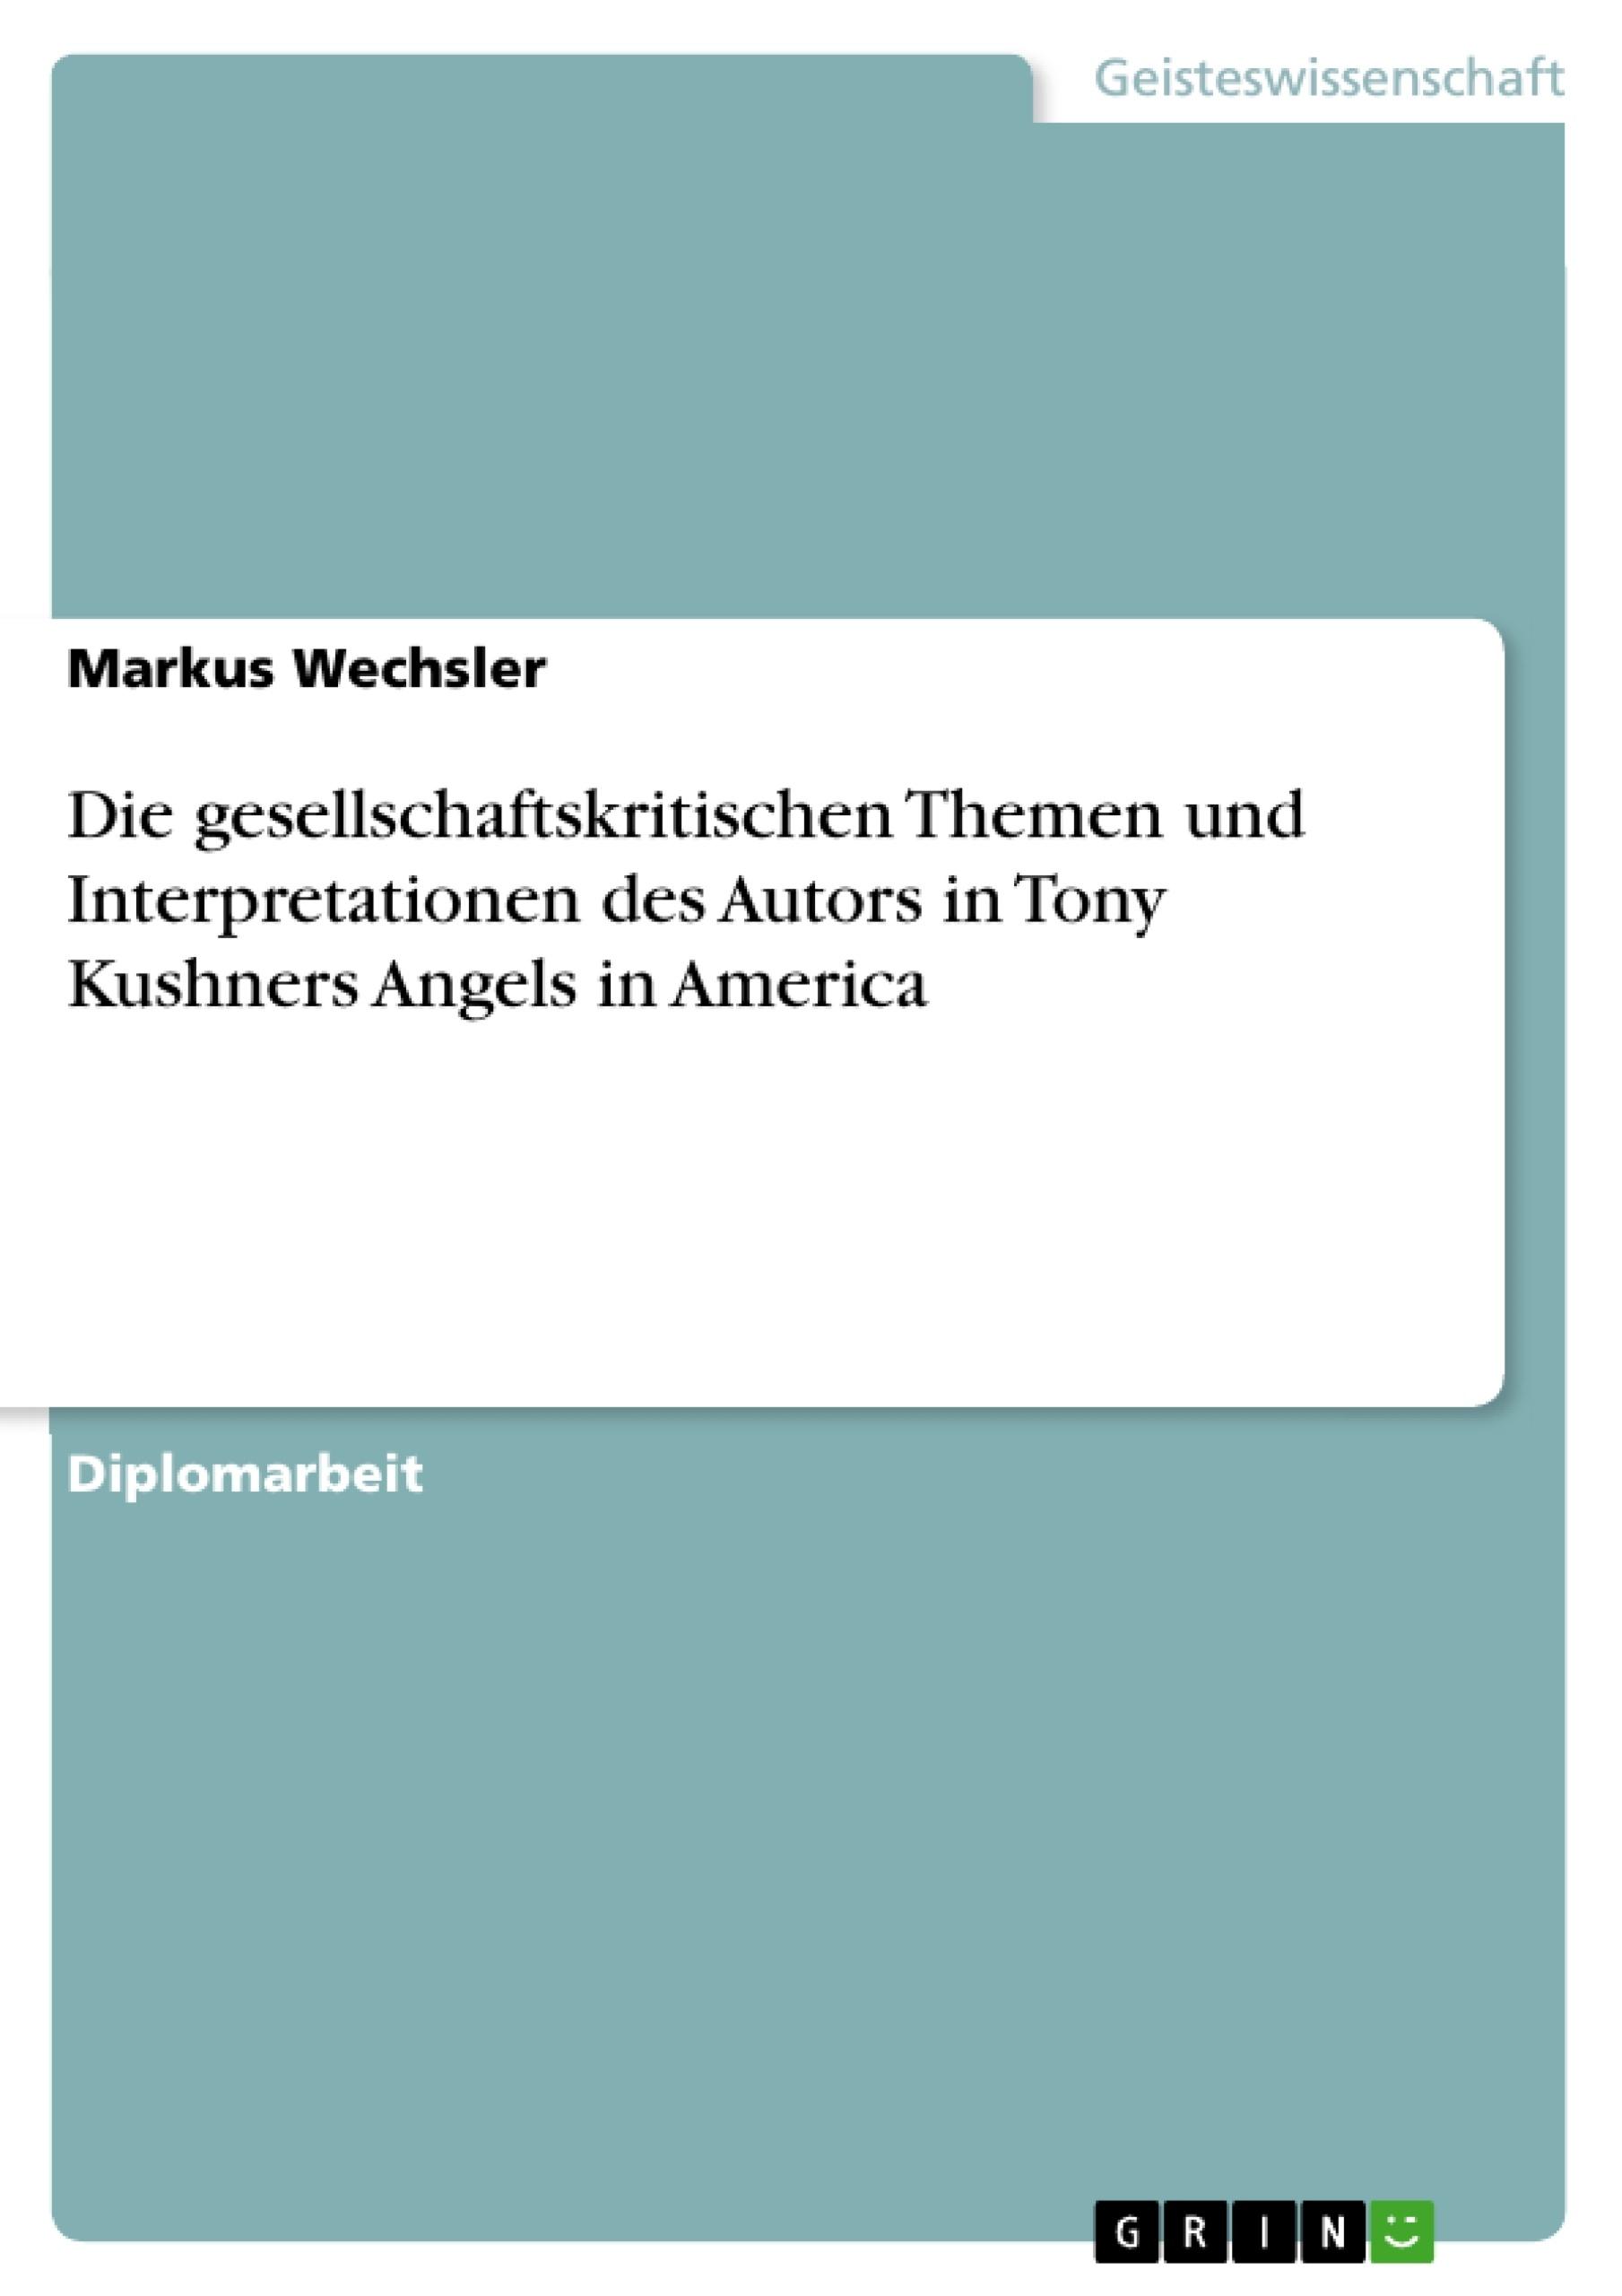 Titel: Die gesellschaftskritischen Themen und Interpretationen des Autors in Tony Kushners Angels in America